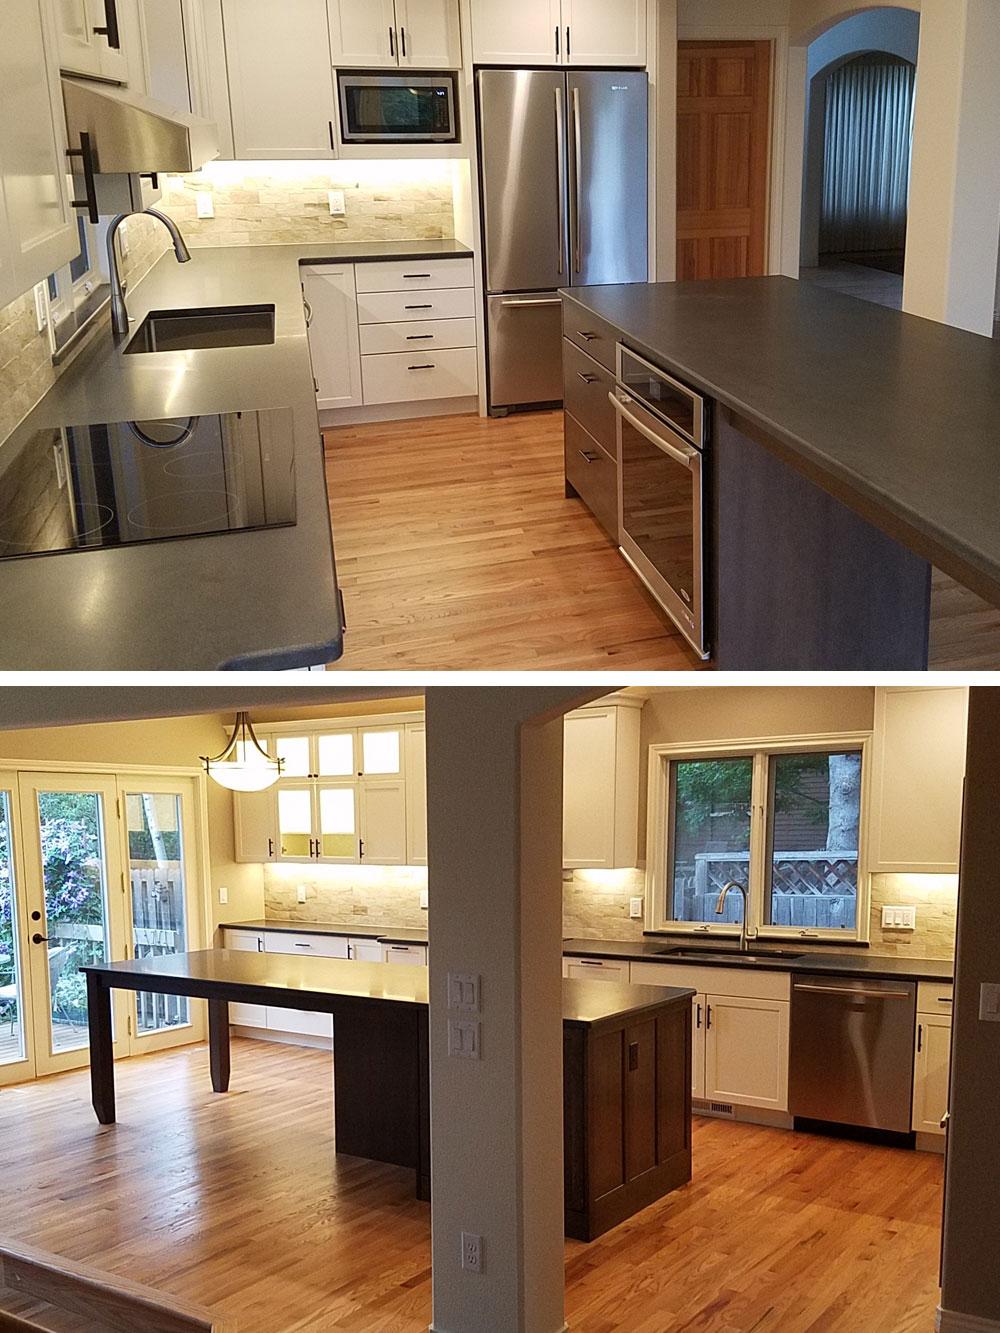 potlatch-30-custom-kitchen